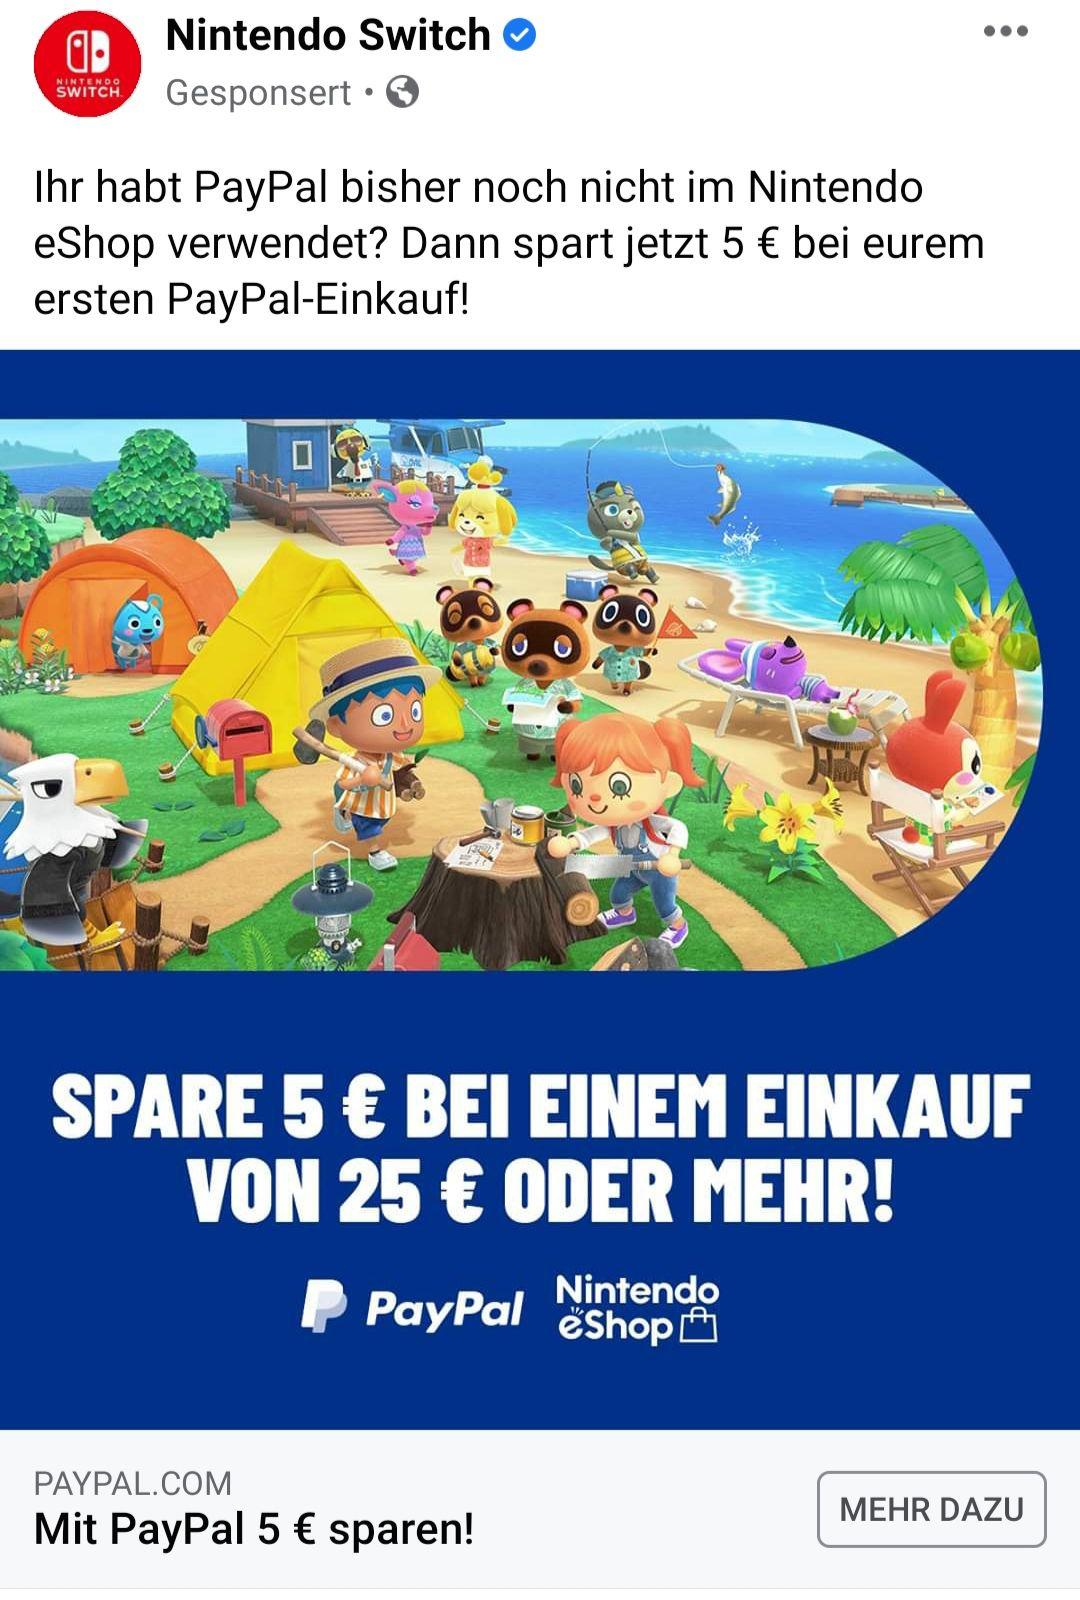 5 € RABATT auf Ihren nächsten Einkauf ab 25 € im Nintendo eShop mit PayPal